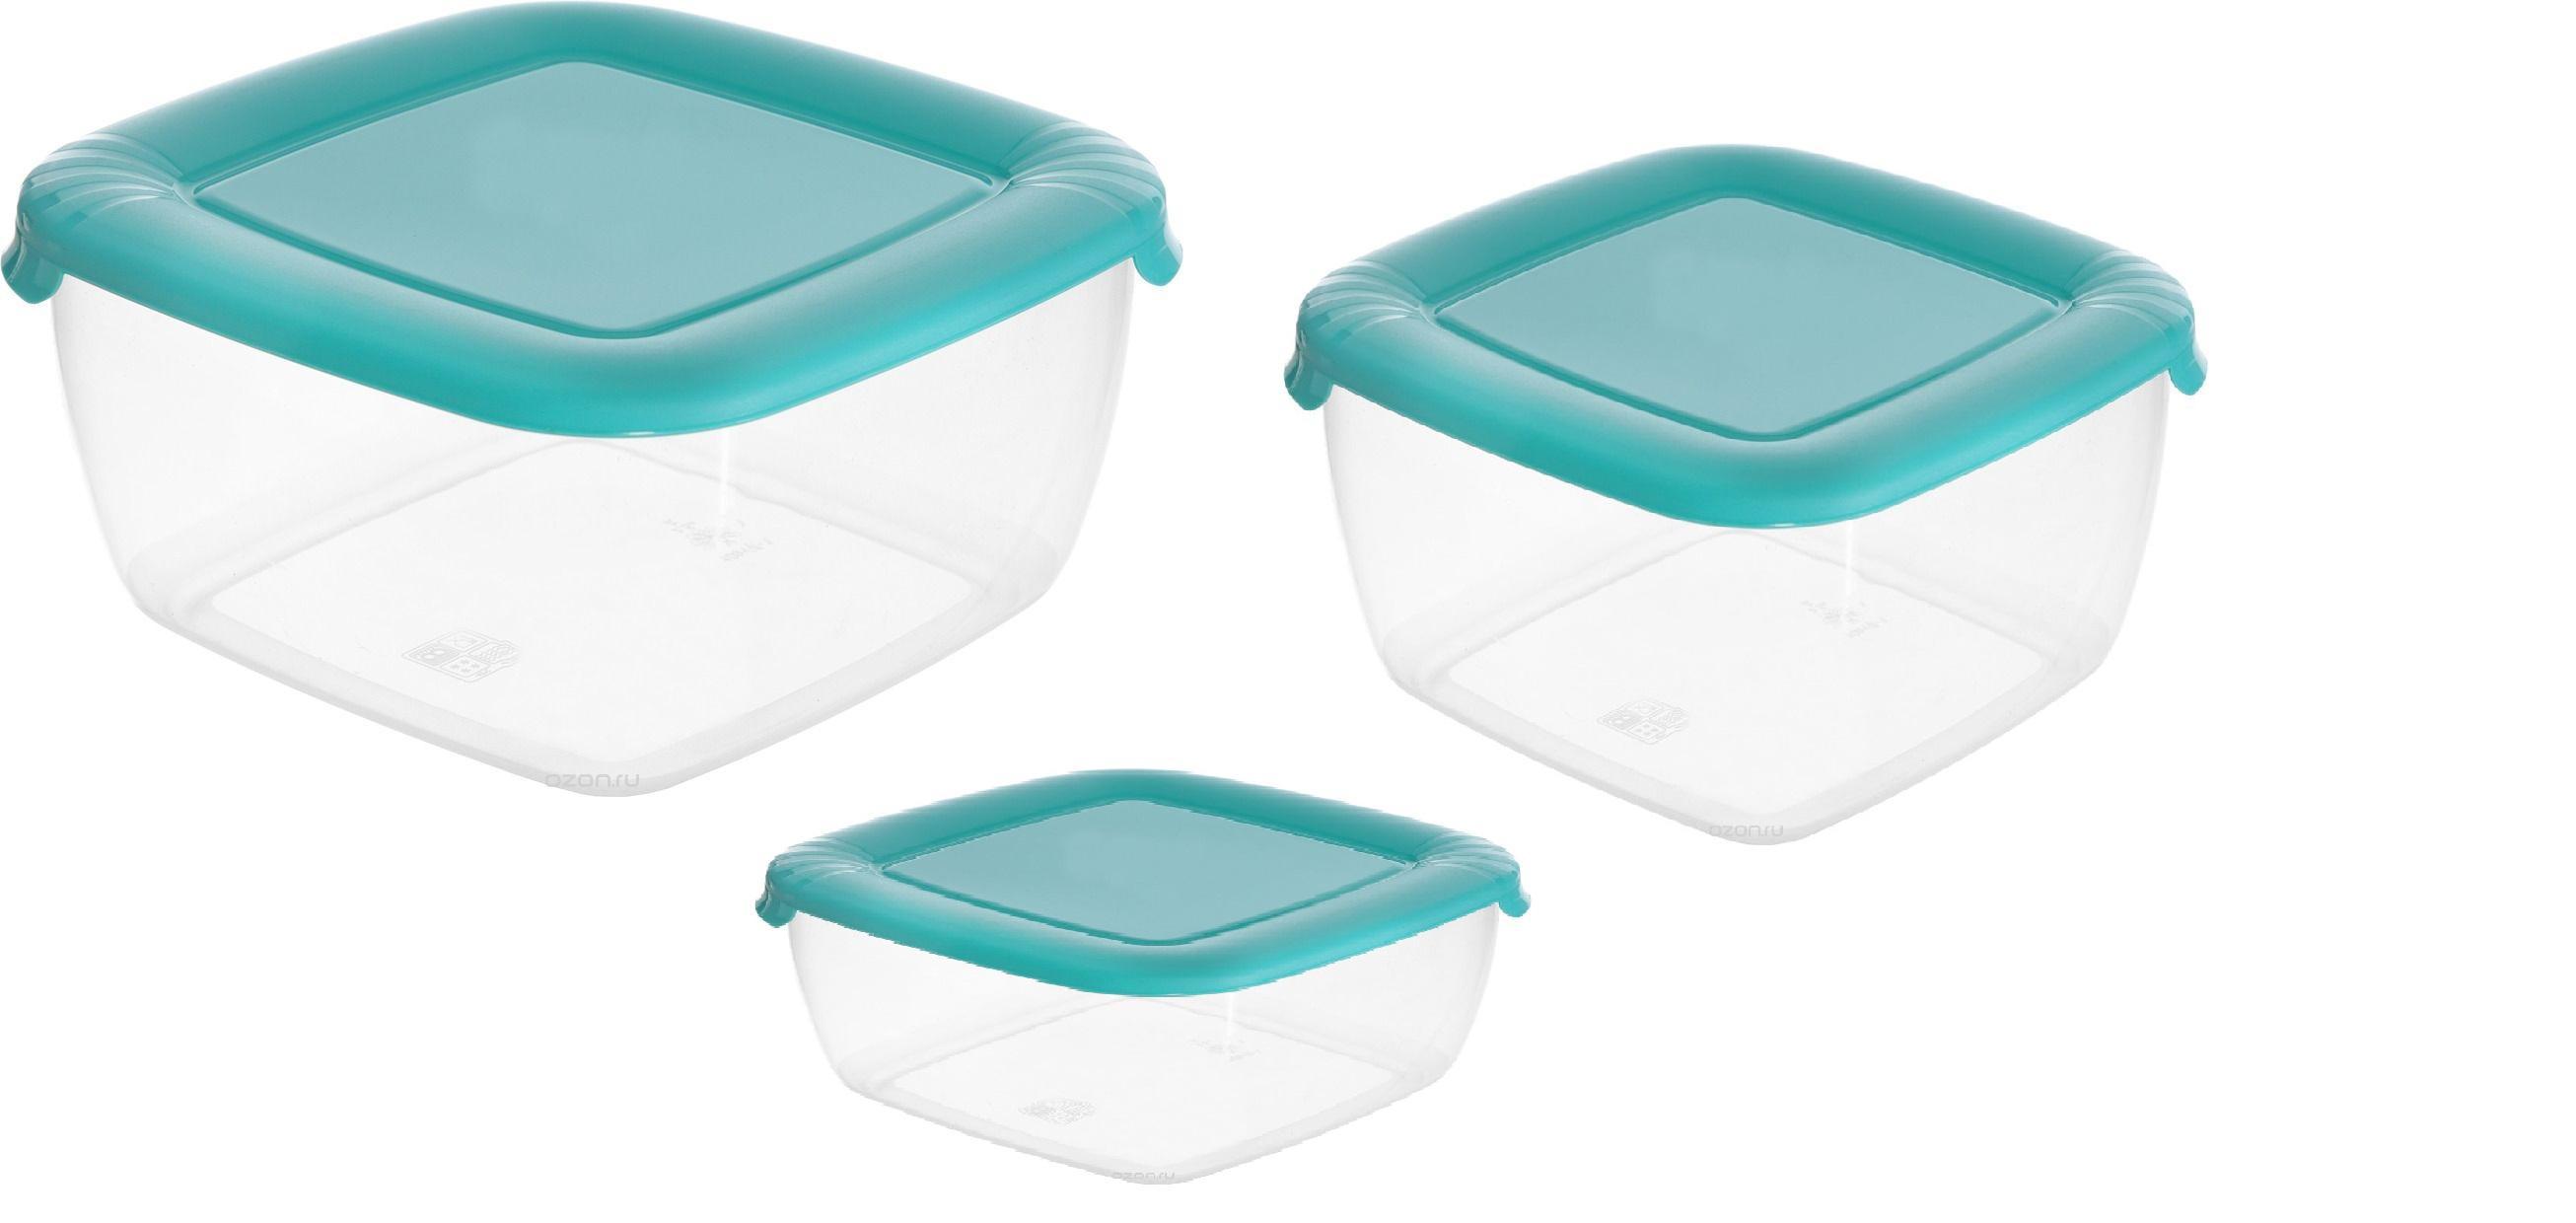 """Контейнер пищевой Полимербыт комплект (3шт)""""ЛАЙТ""""КВАДР.(0,46л 0,95л 1,5л) СВЧ синий, прозрачный, голубой"""